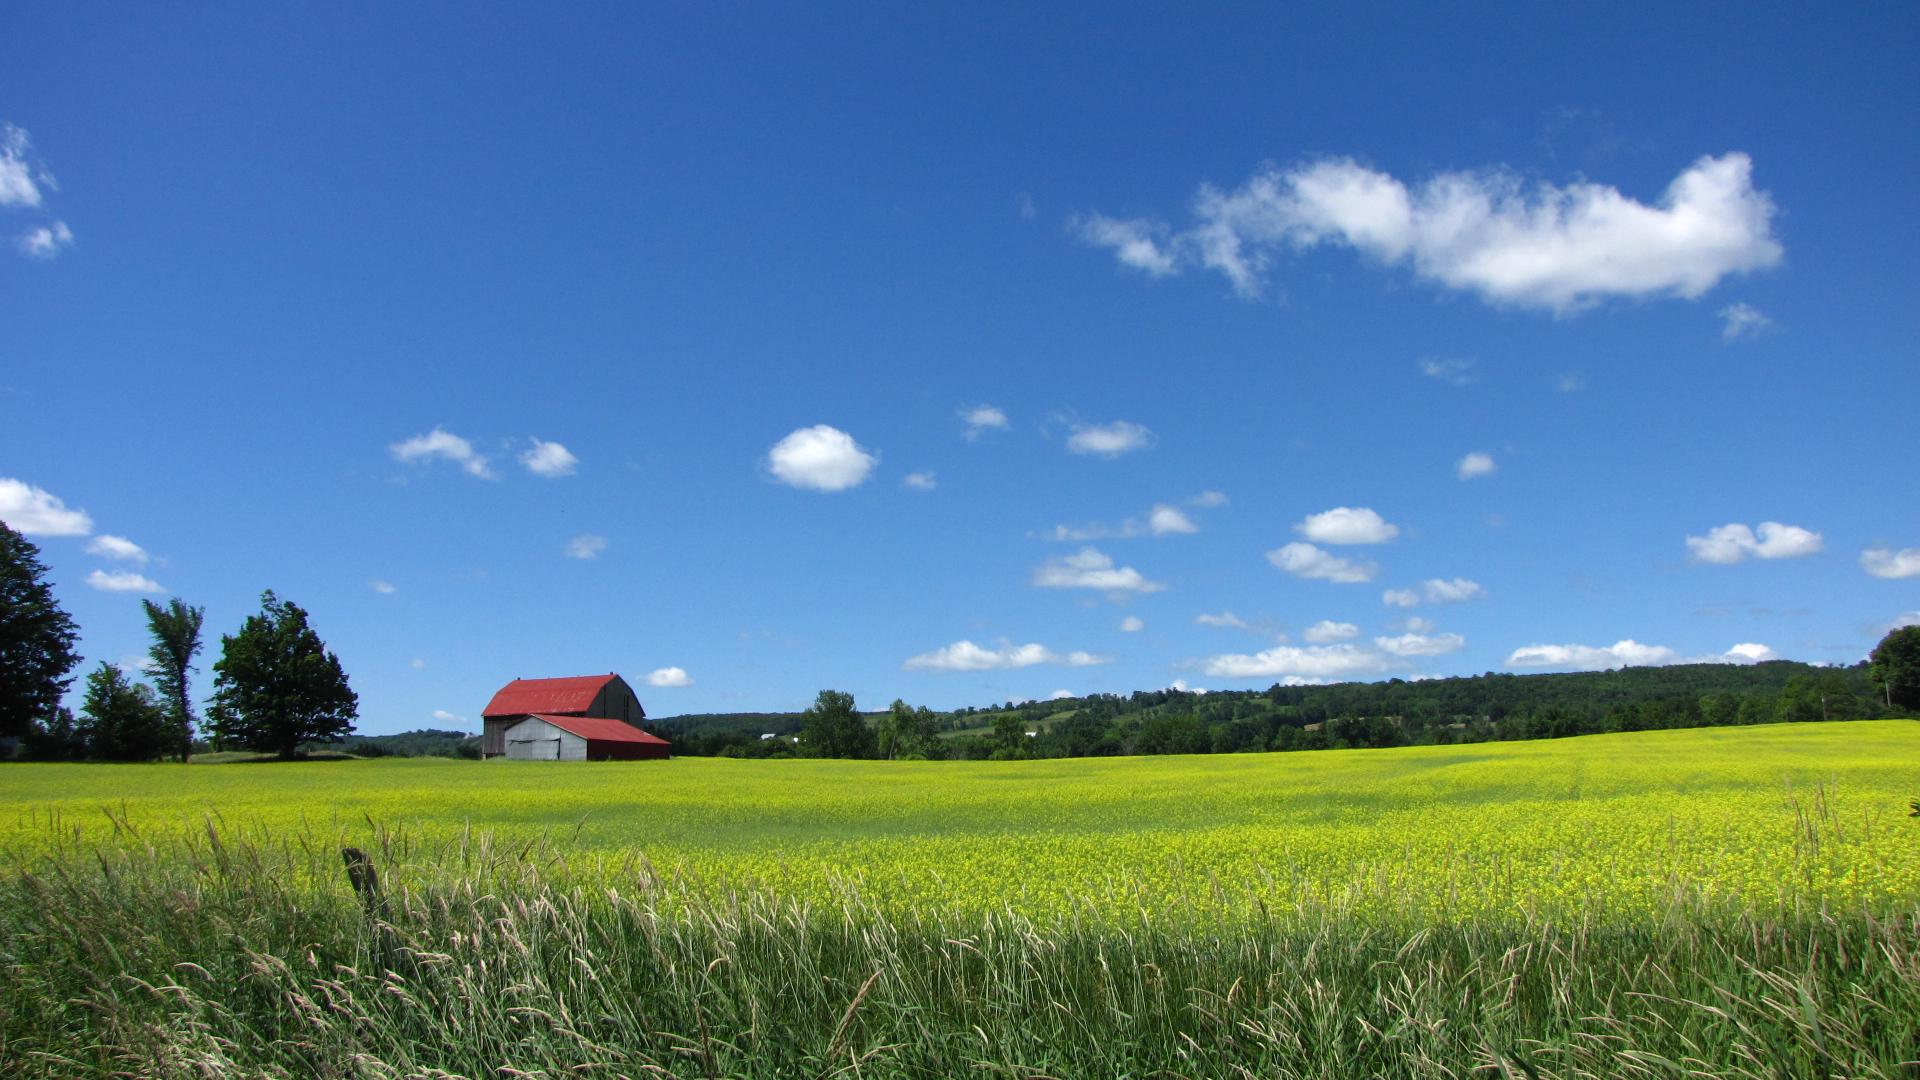 Barn across the field